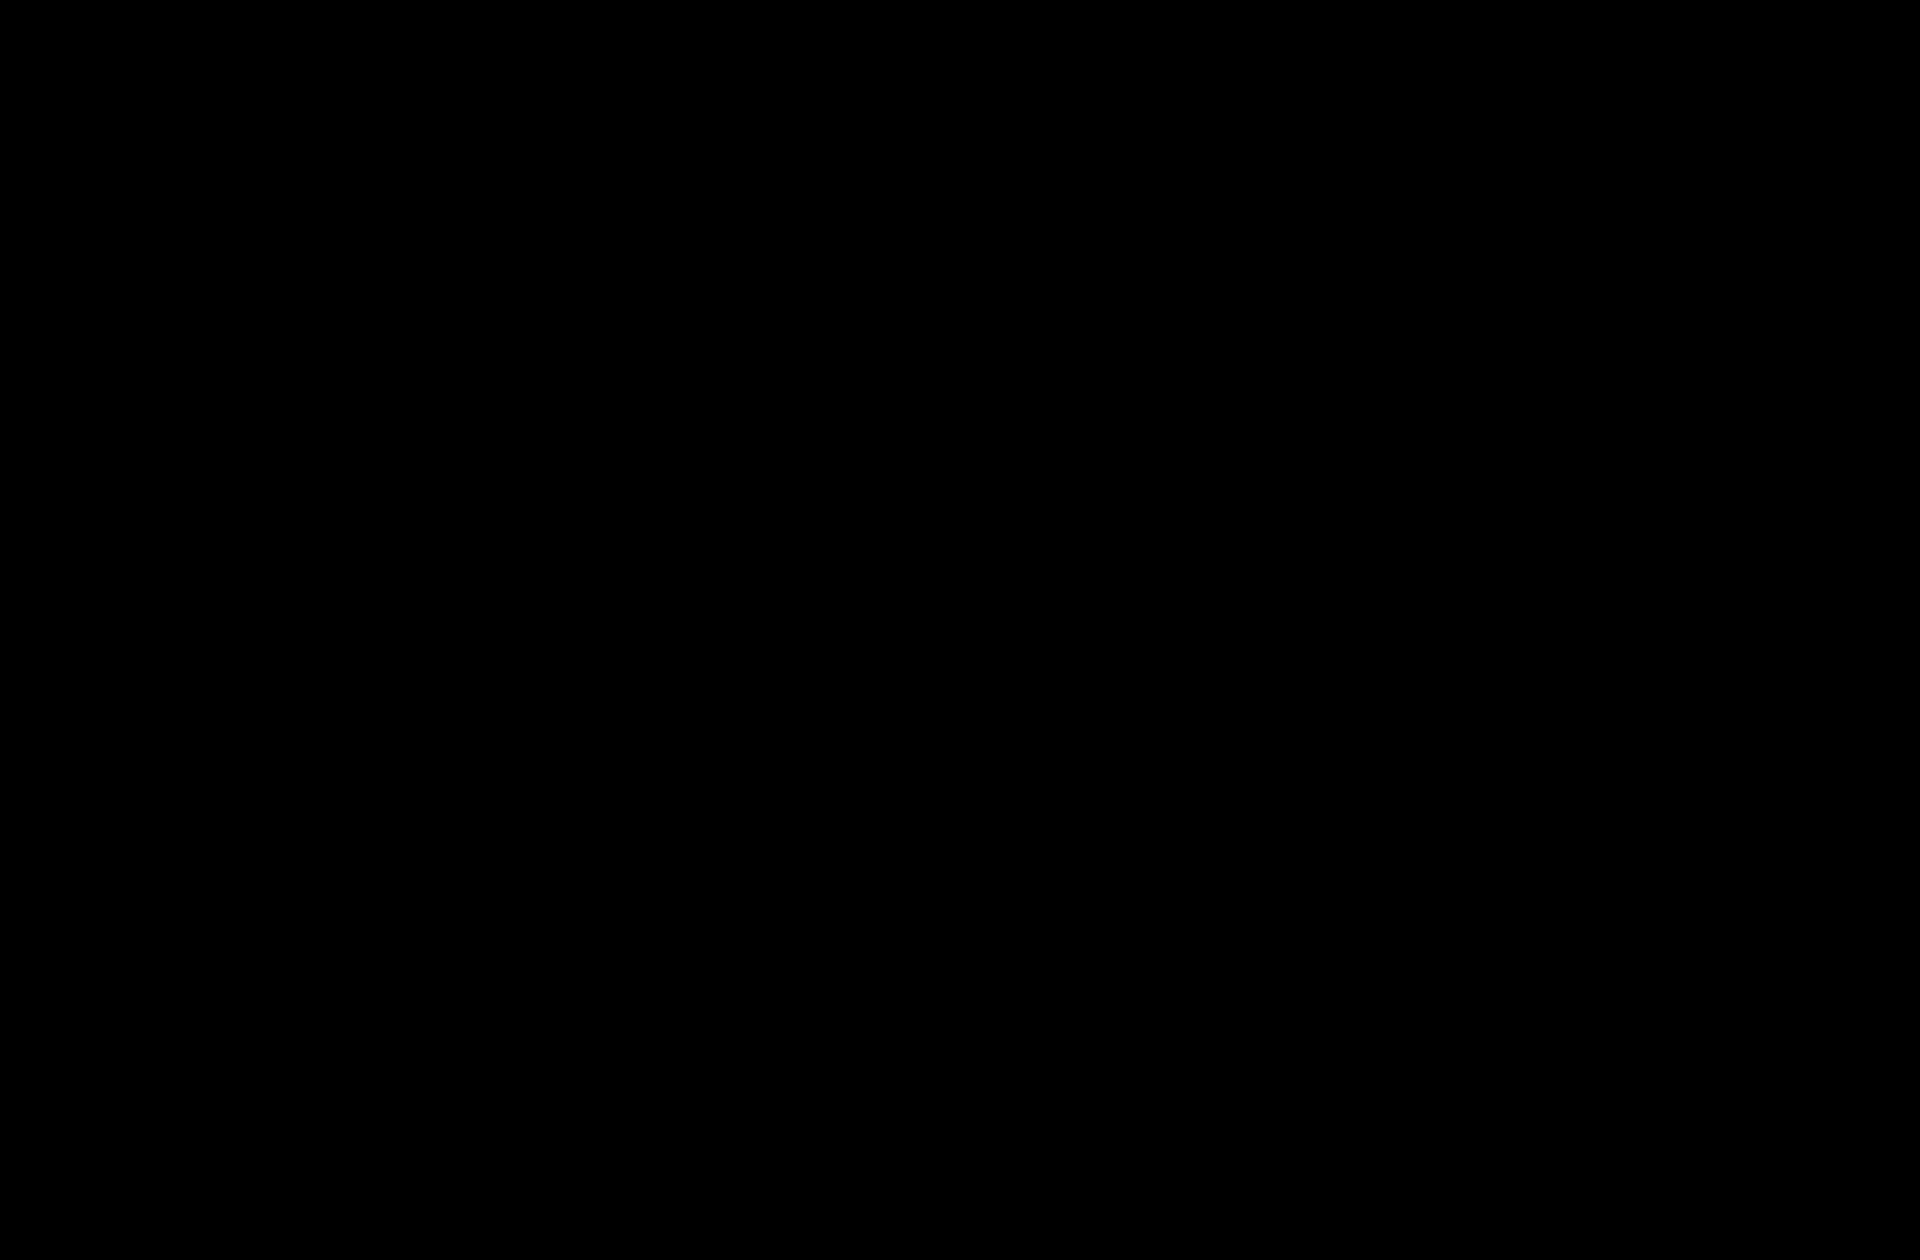 Mustache Clipart Bowler Hat Mustache Bowler Hat